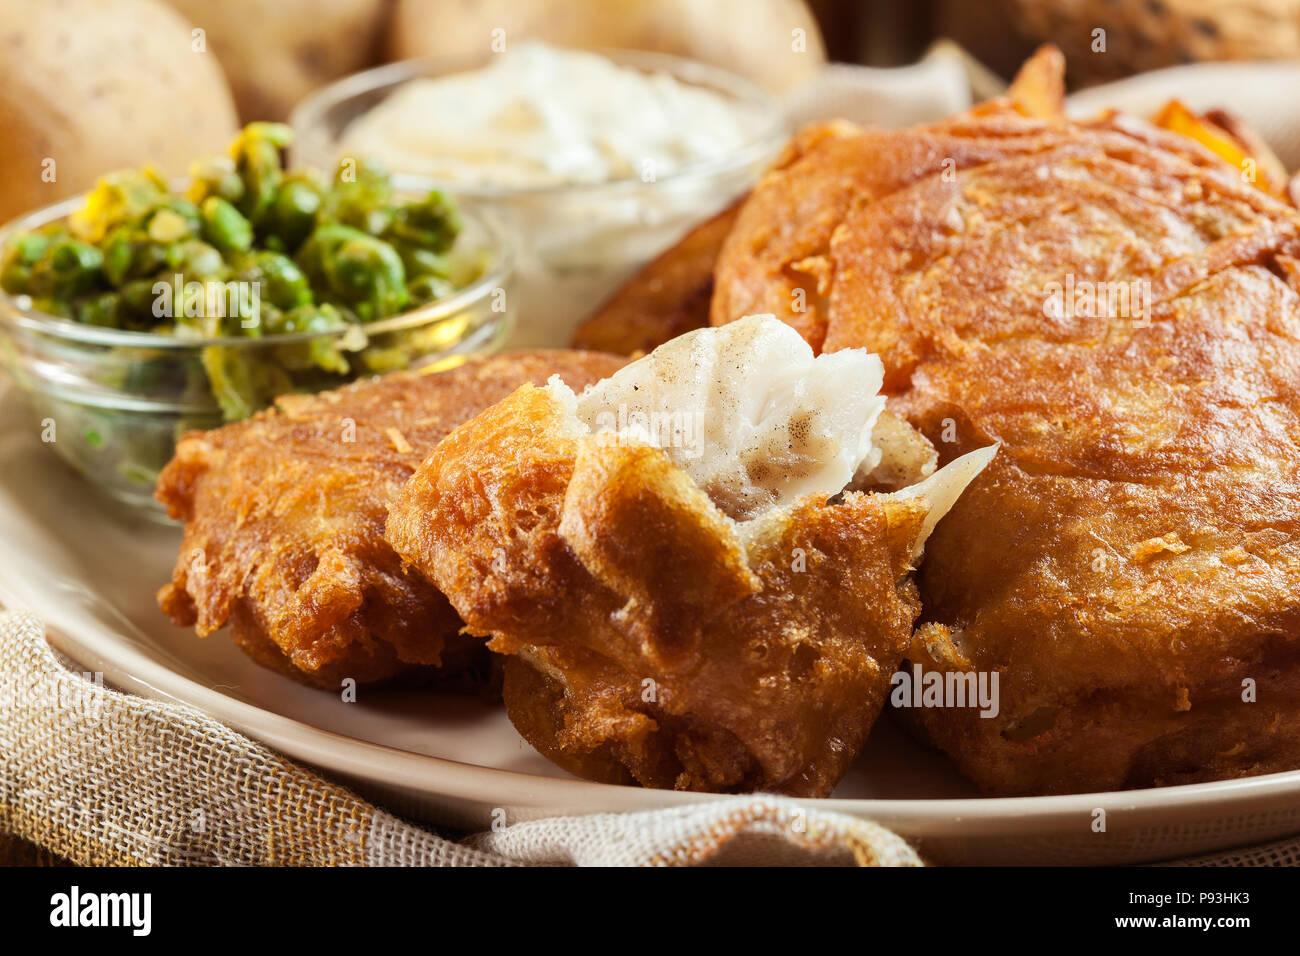 Le poisson dans la pâte traditionnelle de la bière et des frites avec de petits pois et sauce tartare Photo Stock